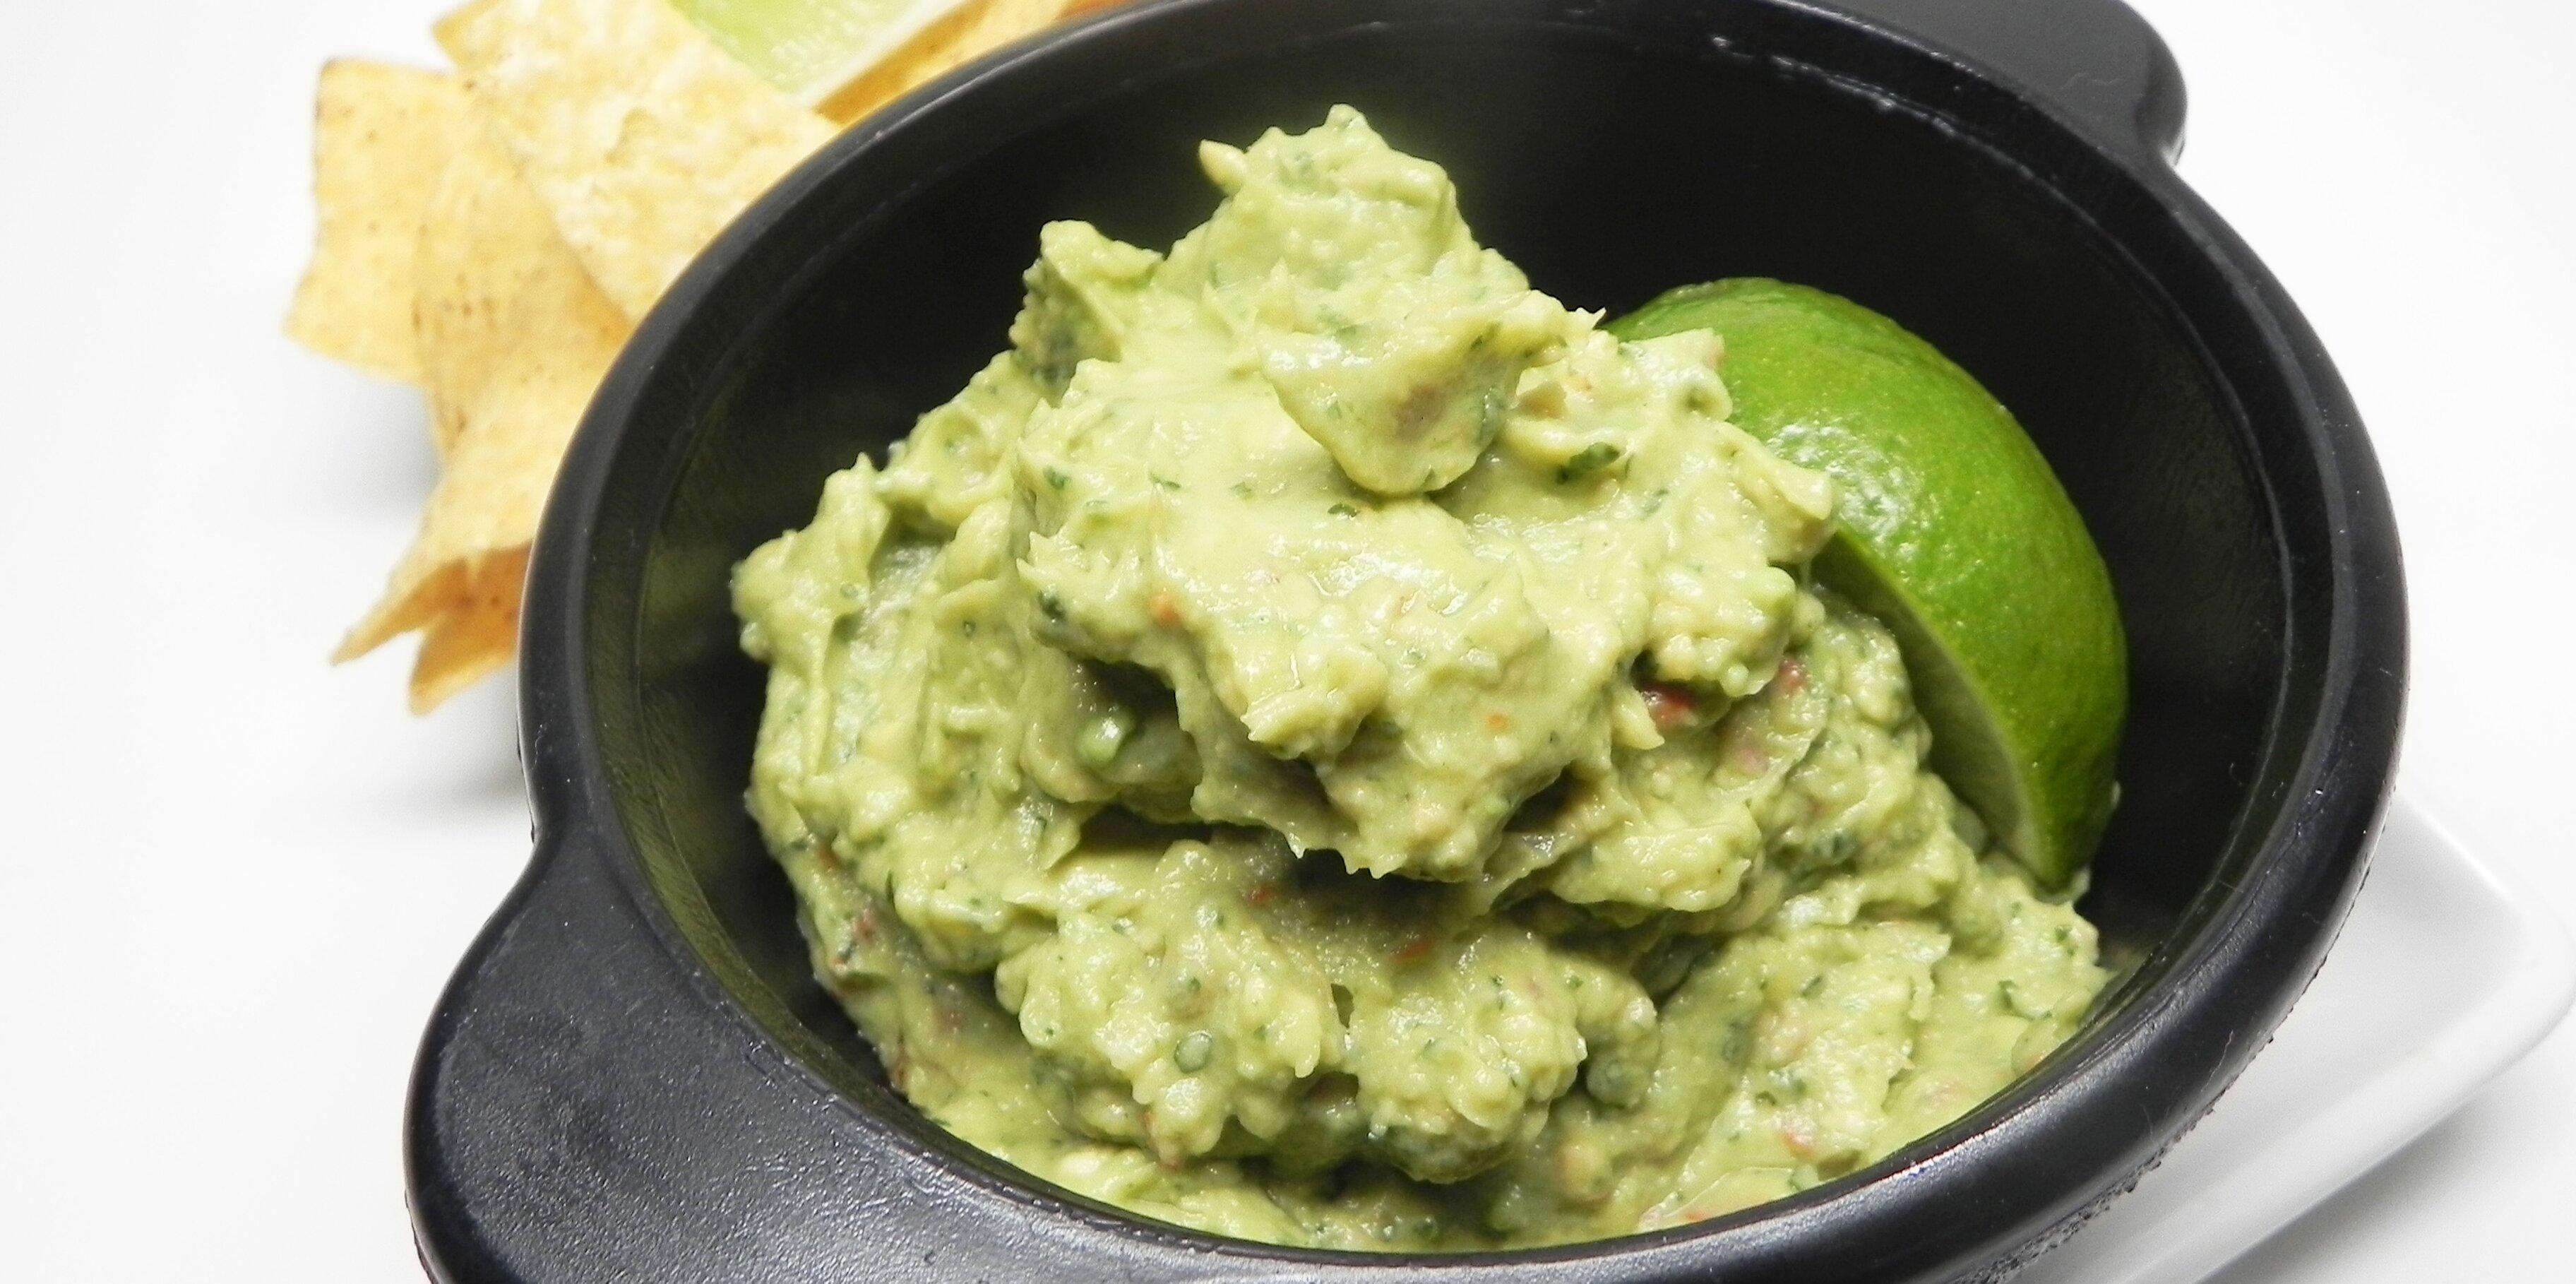 quick tomatillo guacamole recipe